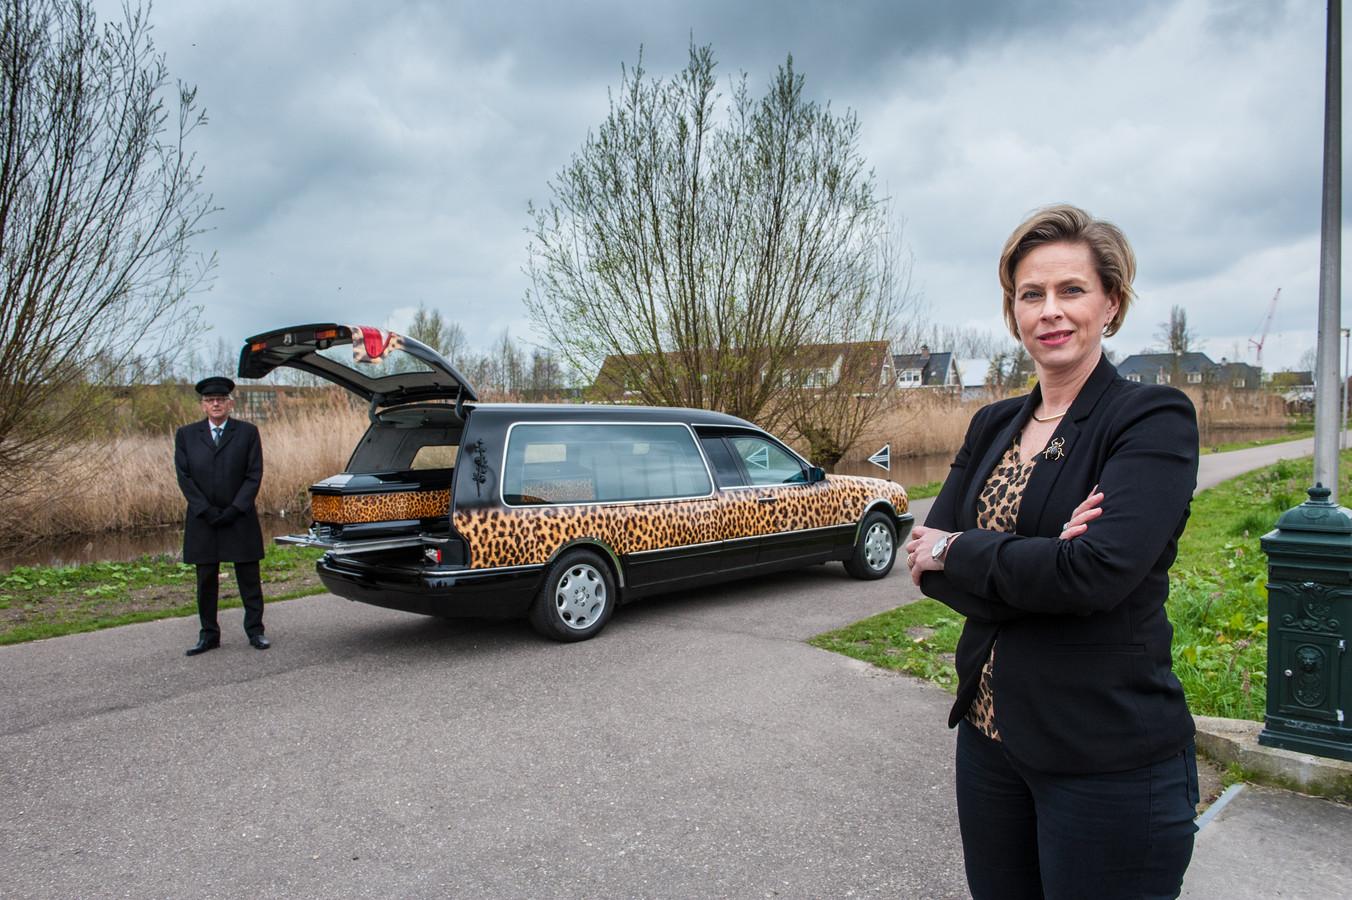 Brigitte Straver en chauffeur Wim van de Coevering bij de bijzondere uitvaartauto.